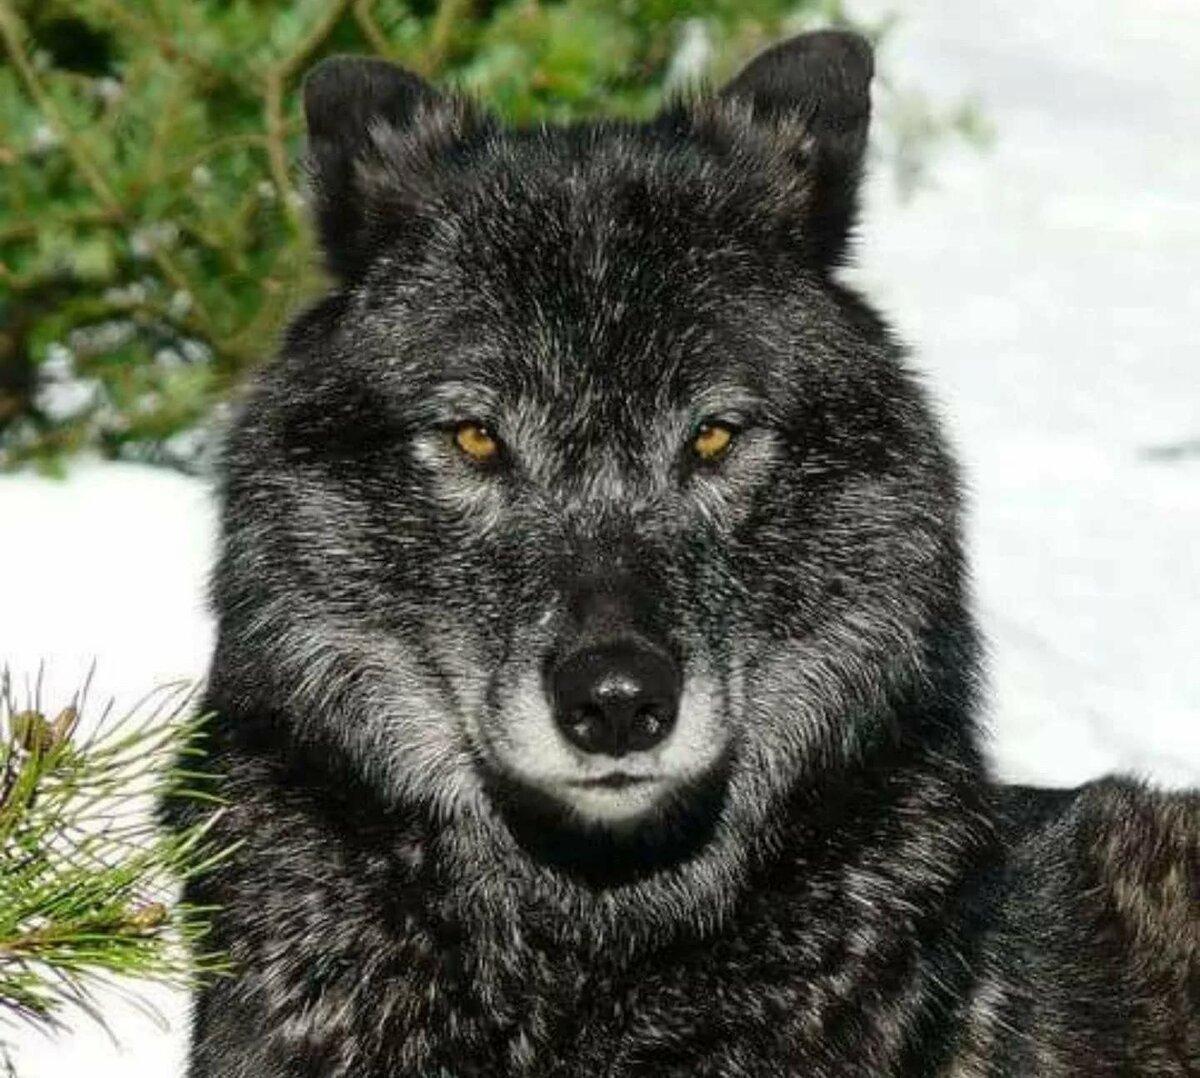 кто-то канадский волк фото участвуют жизни предприятия